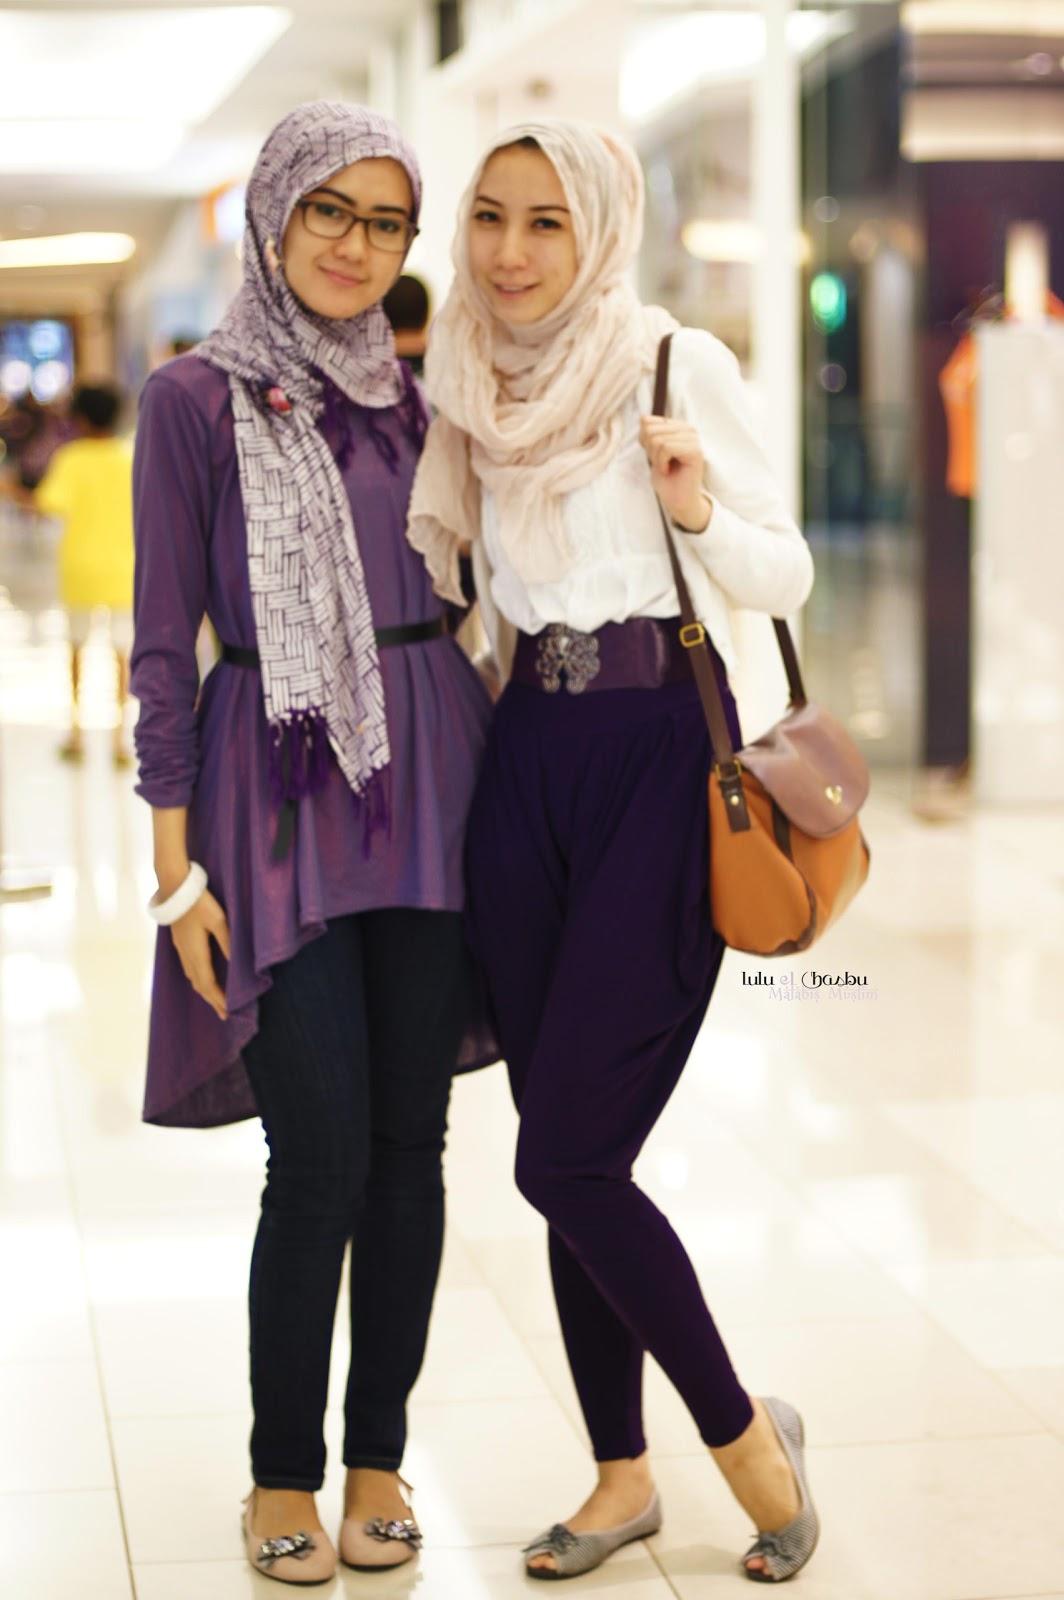 Friendship-Malabis Moslem